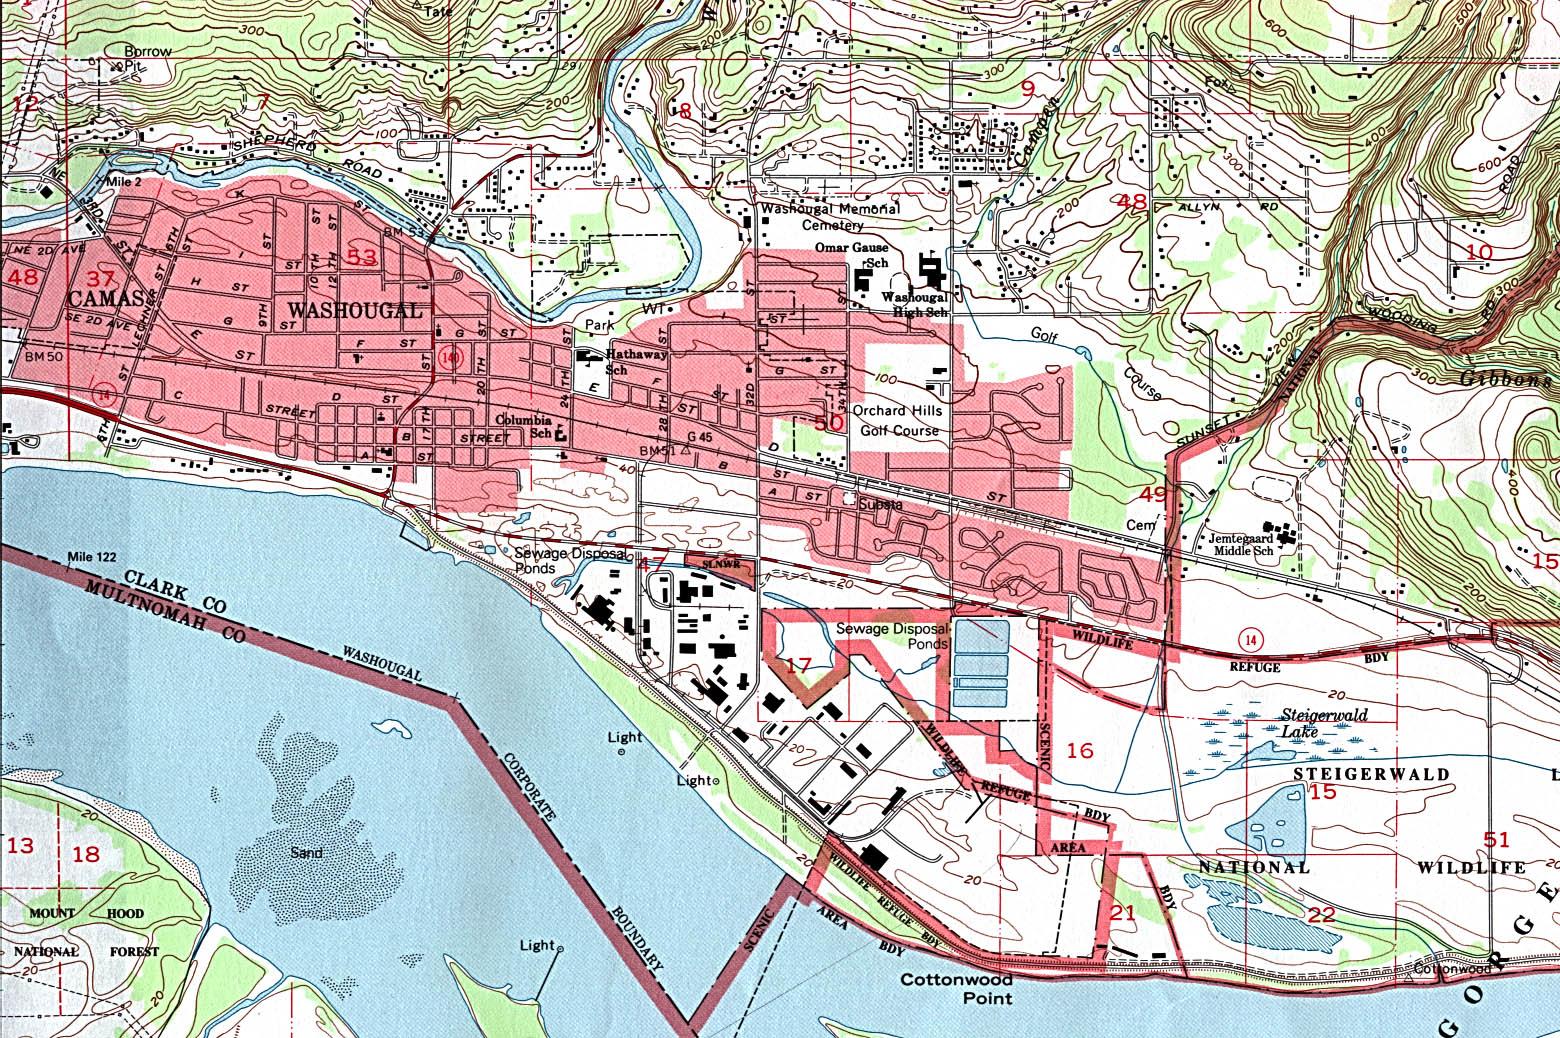 Mapa Topográfico de la Ciudad de Washougal, Washington, Estados Unidos